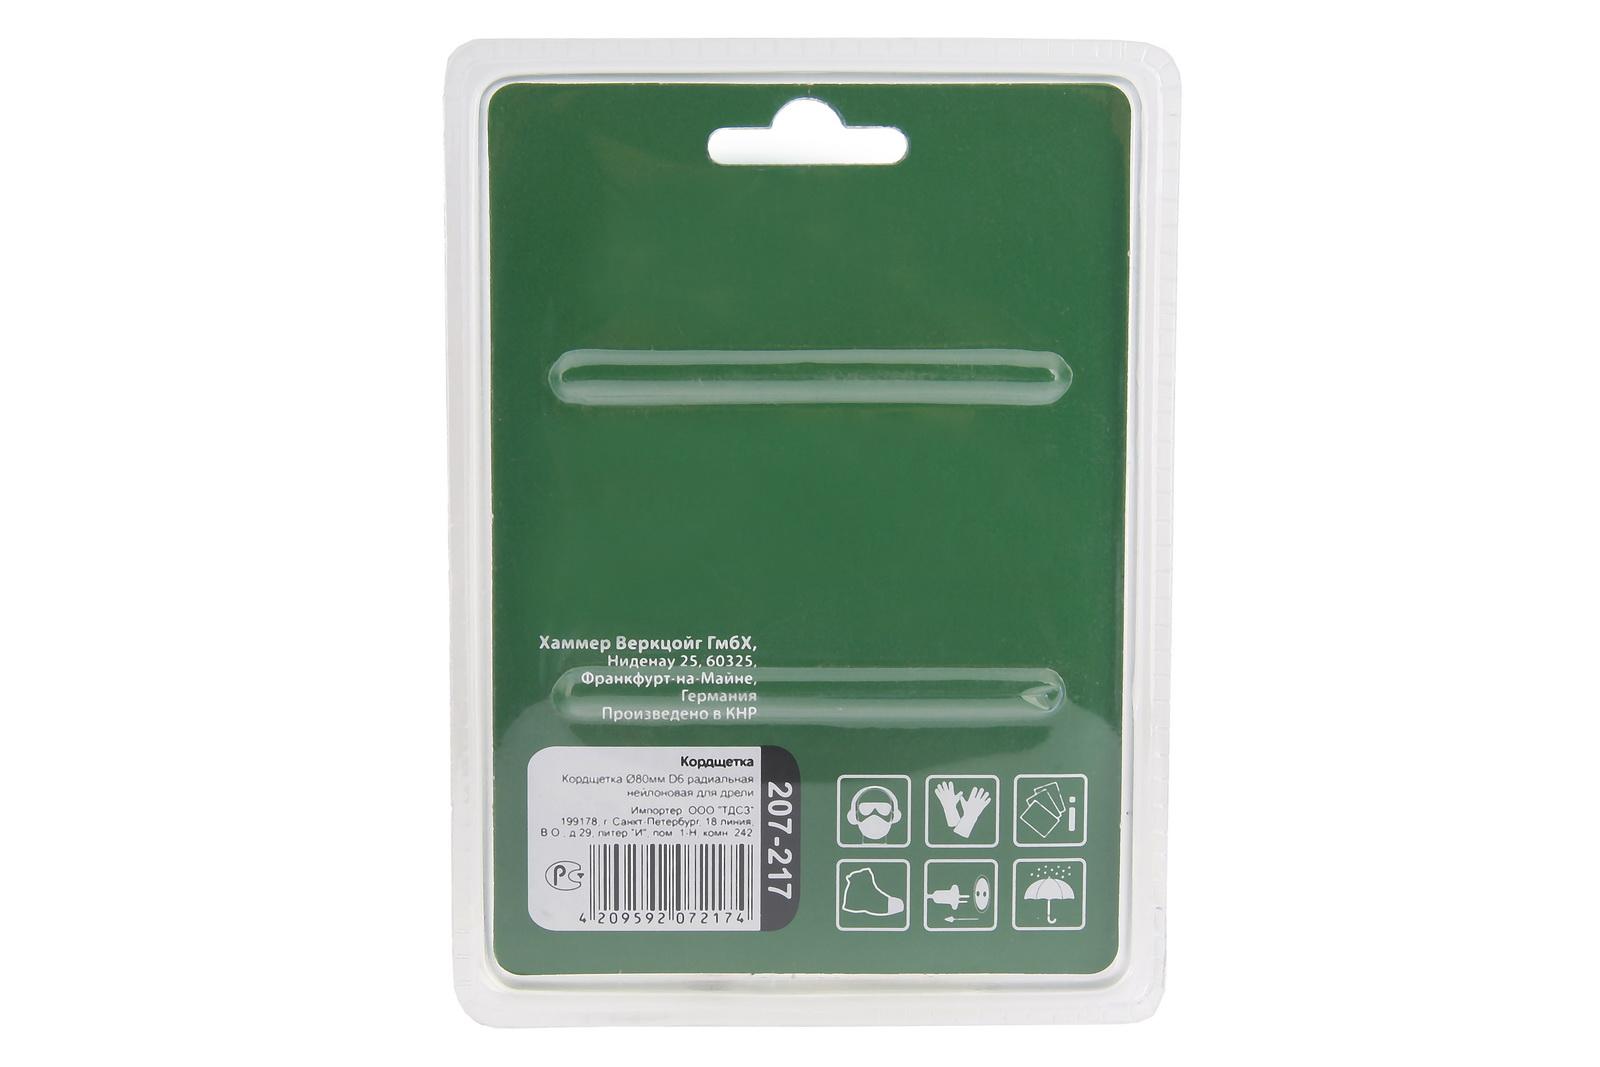 Кордщетка Hammer 207-217   80*0,5*d6 чашеобразная  нейлоновая для полировки